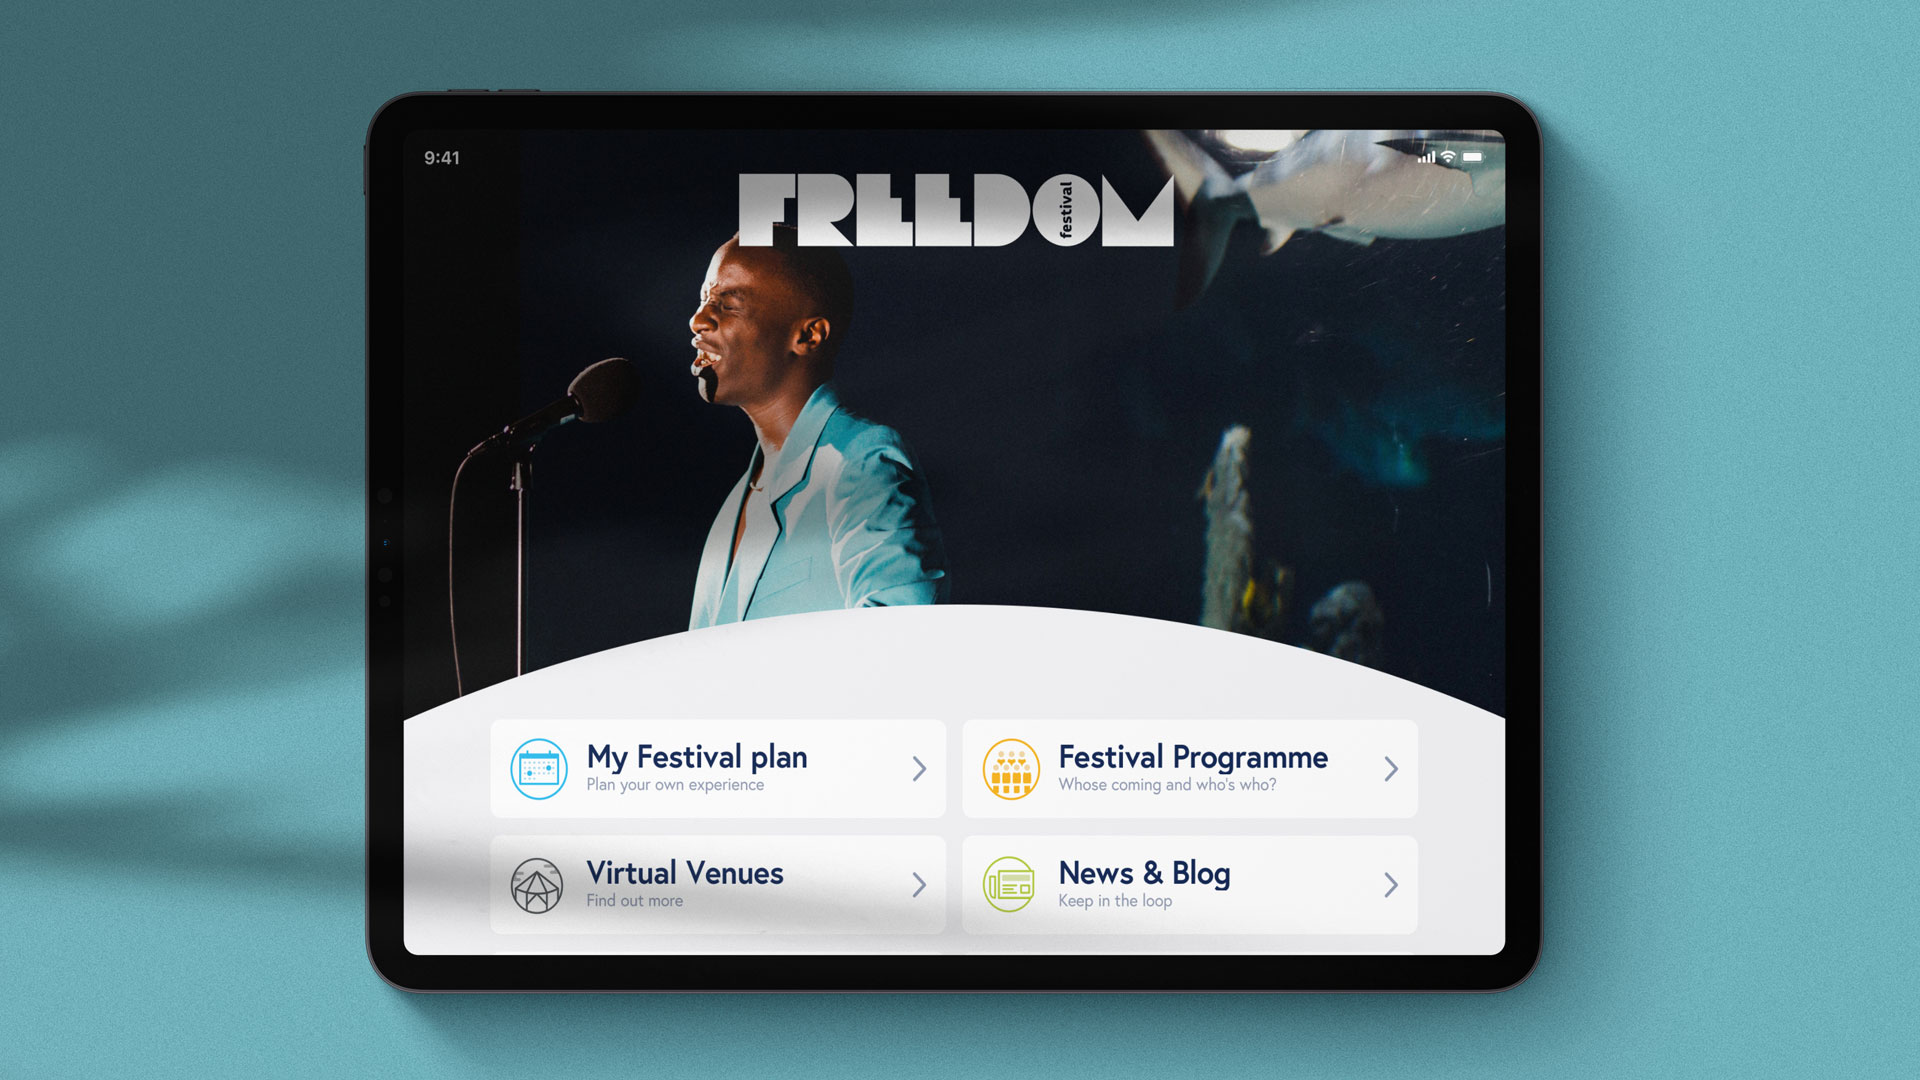 Freedom Festival App